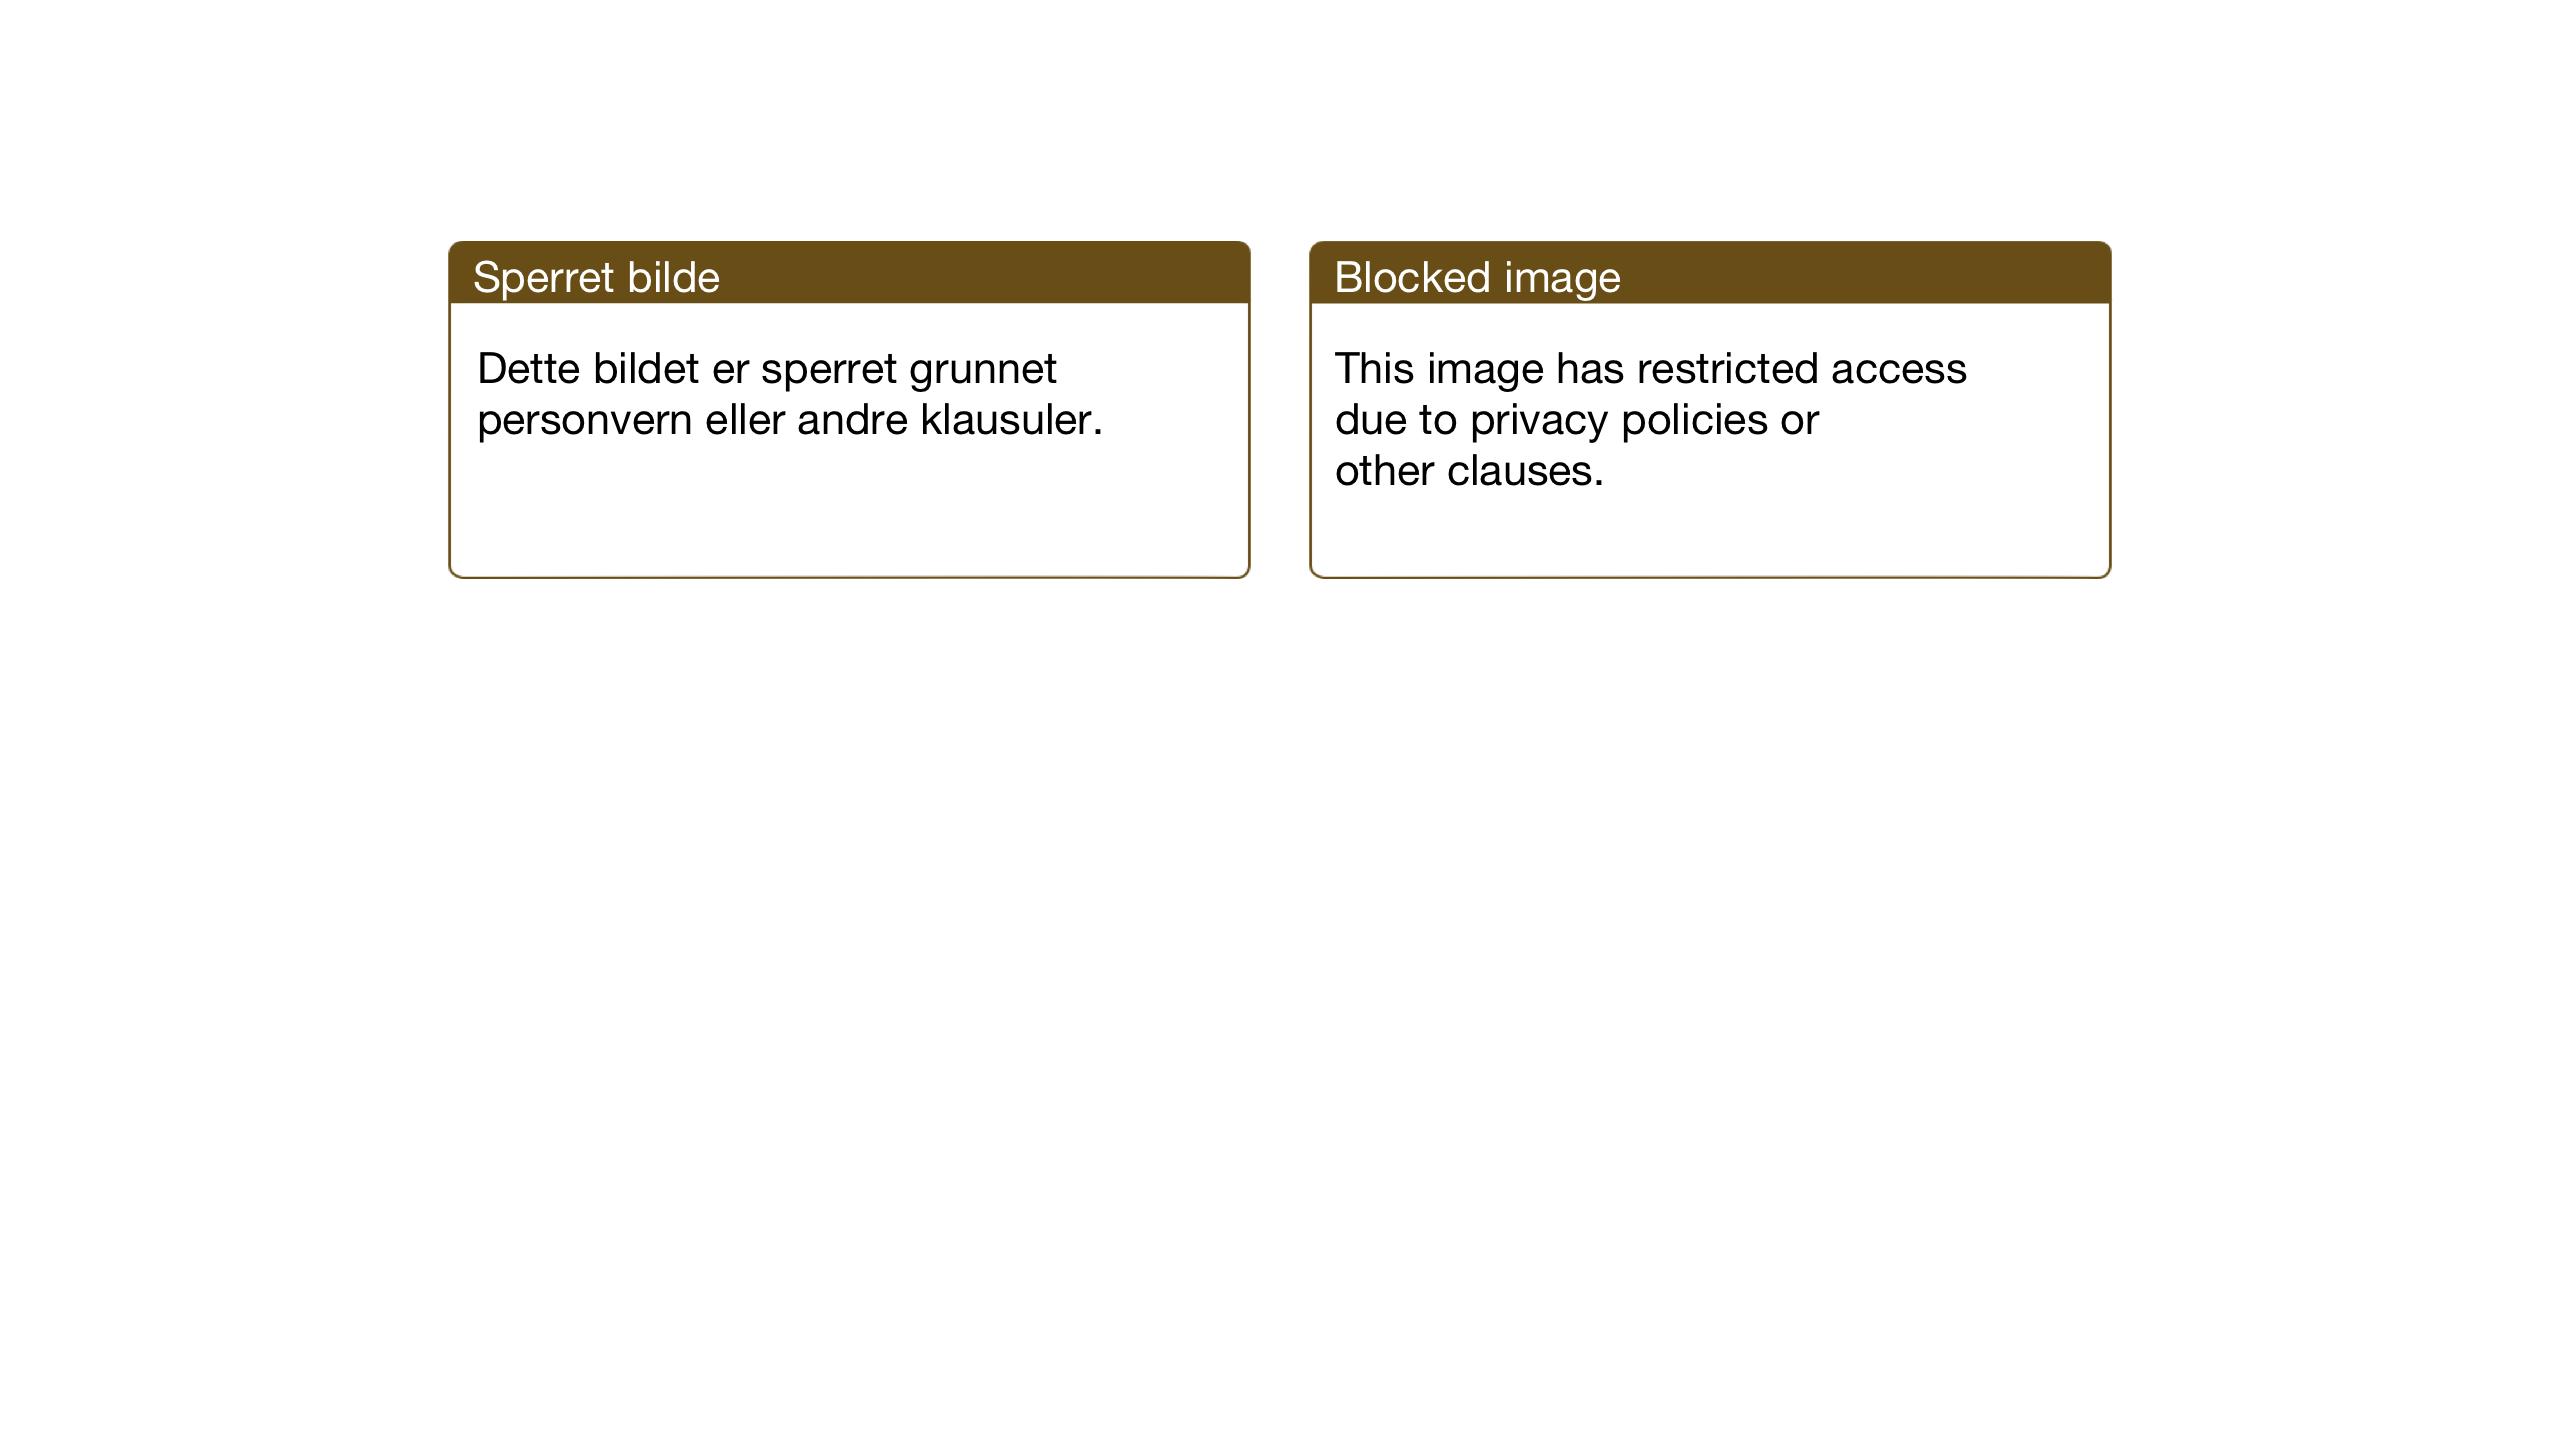 SAT, Ministerialprotokoller, klokkerbøker og fødselsregistre - Nord-Trøndelag, 720/L0193: Klokkerbok nr. 720C02, 1918-1941, s. 91